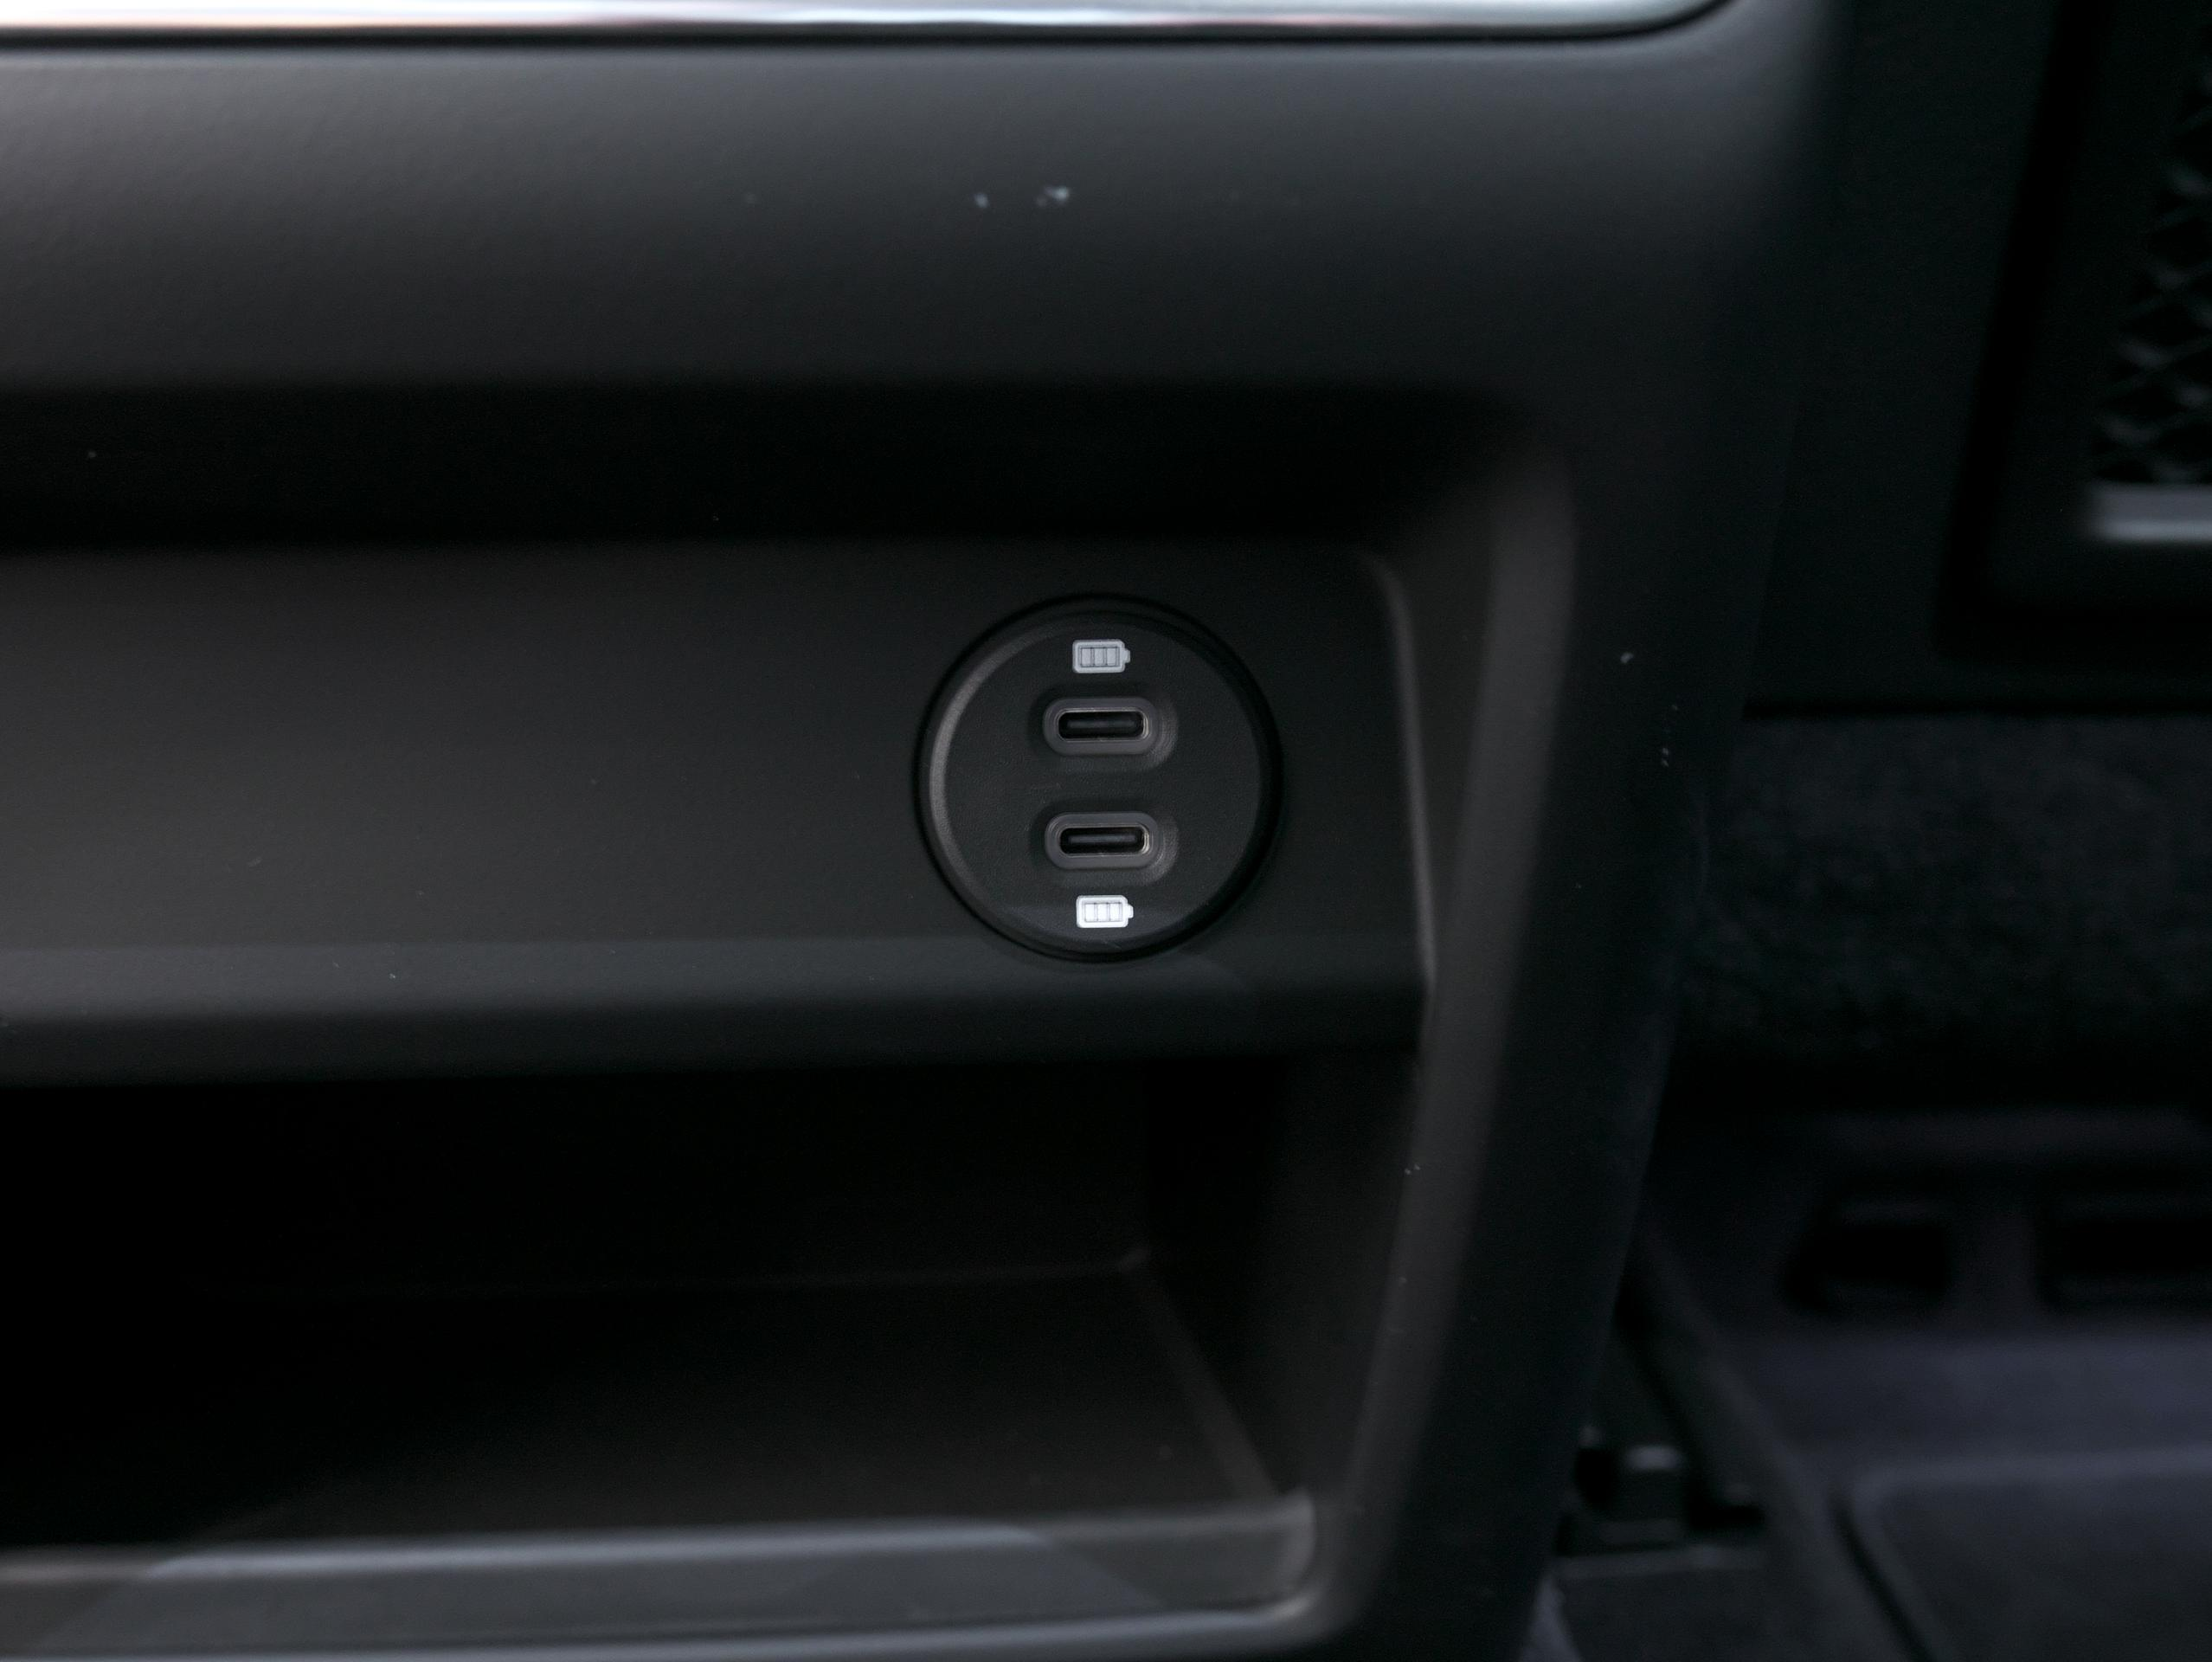 ポルシェ カイエン キャララホワイト 後席USB-Cポート